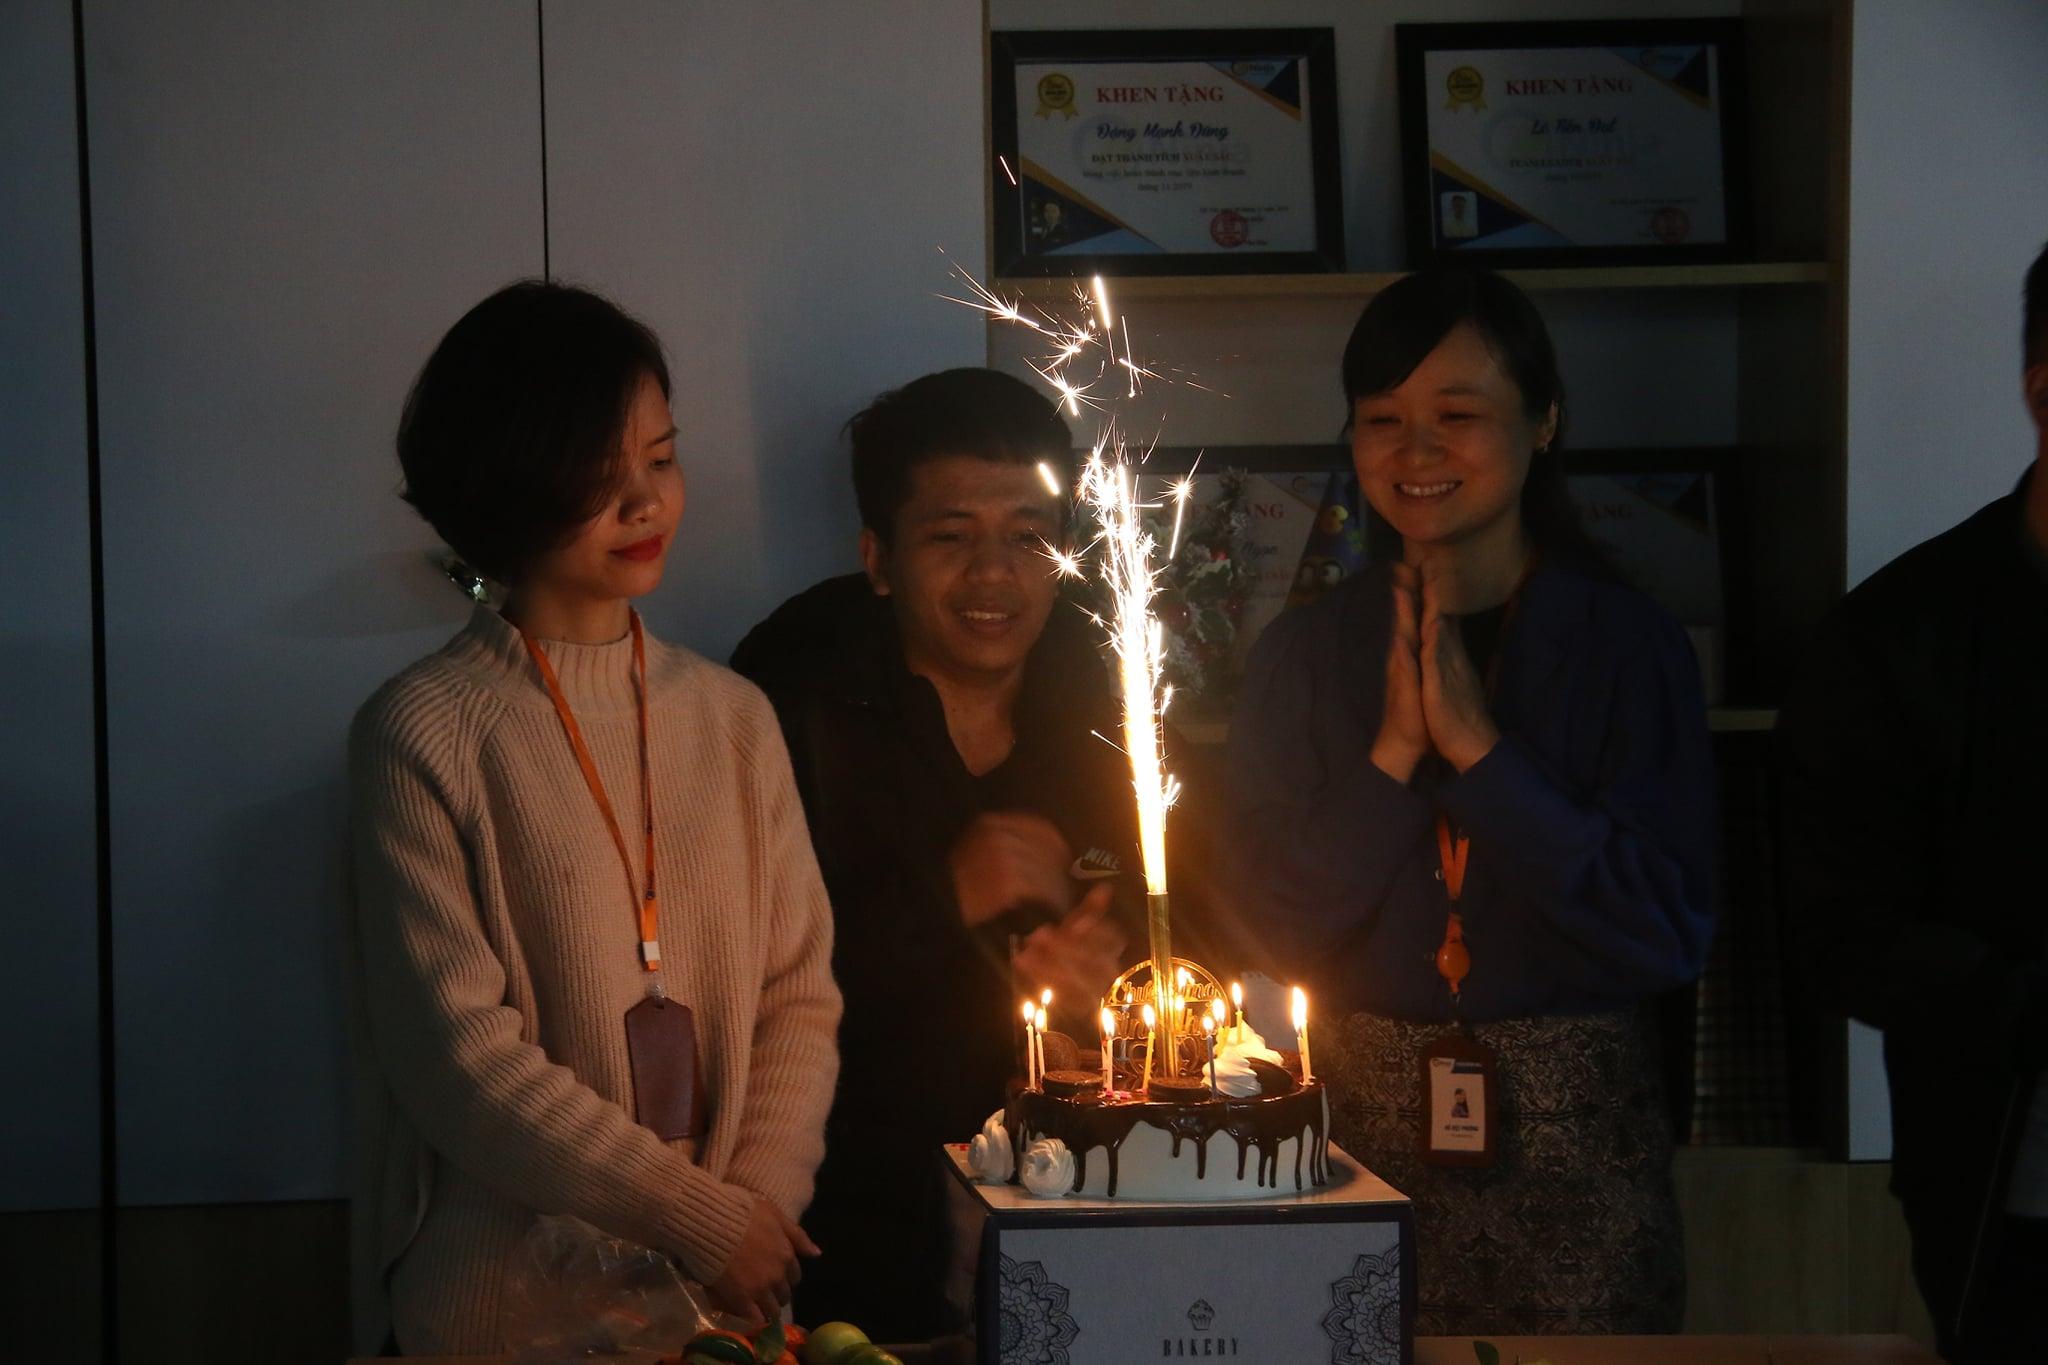 sinh nhat thanh vien thang 1.4jpg Chúc mừng sinh nhật tháng 1 với hy vọng mới   Hành trình mới